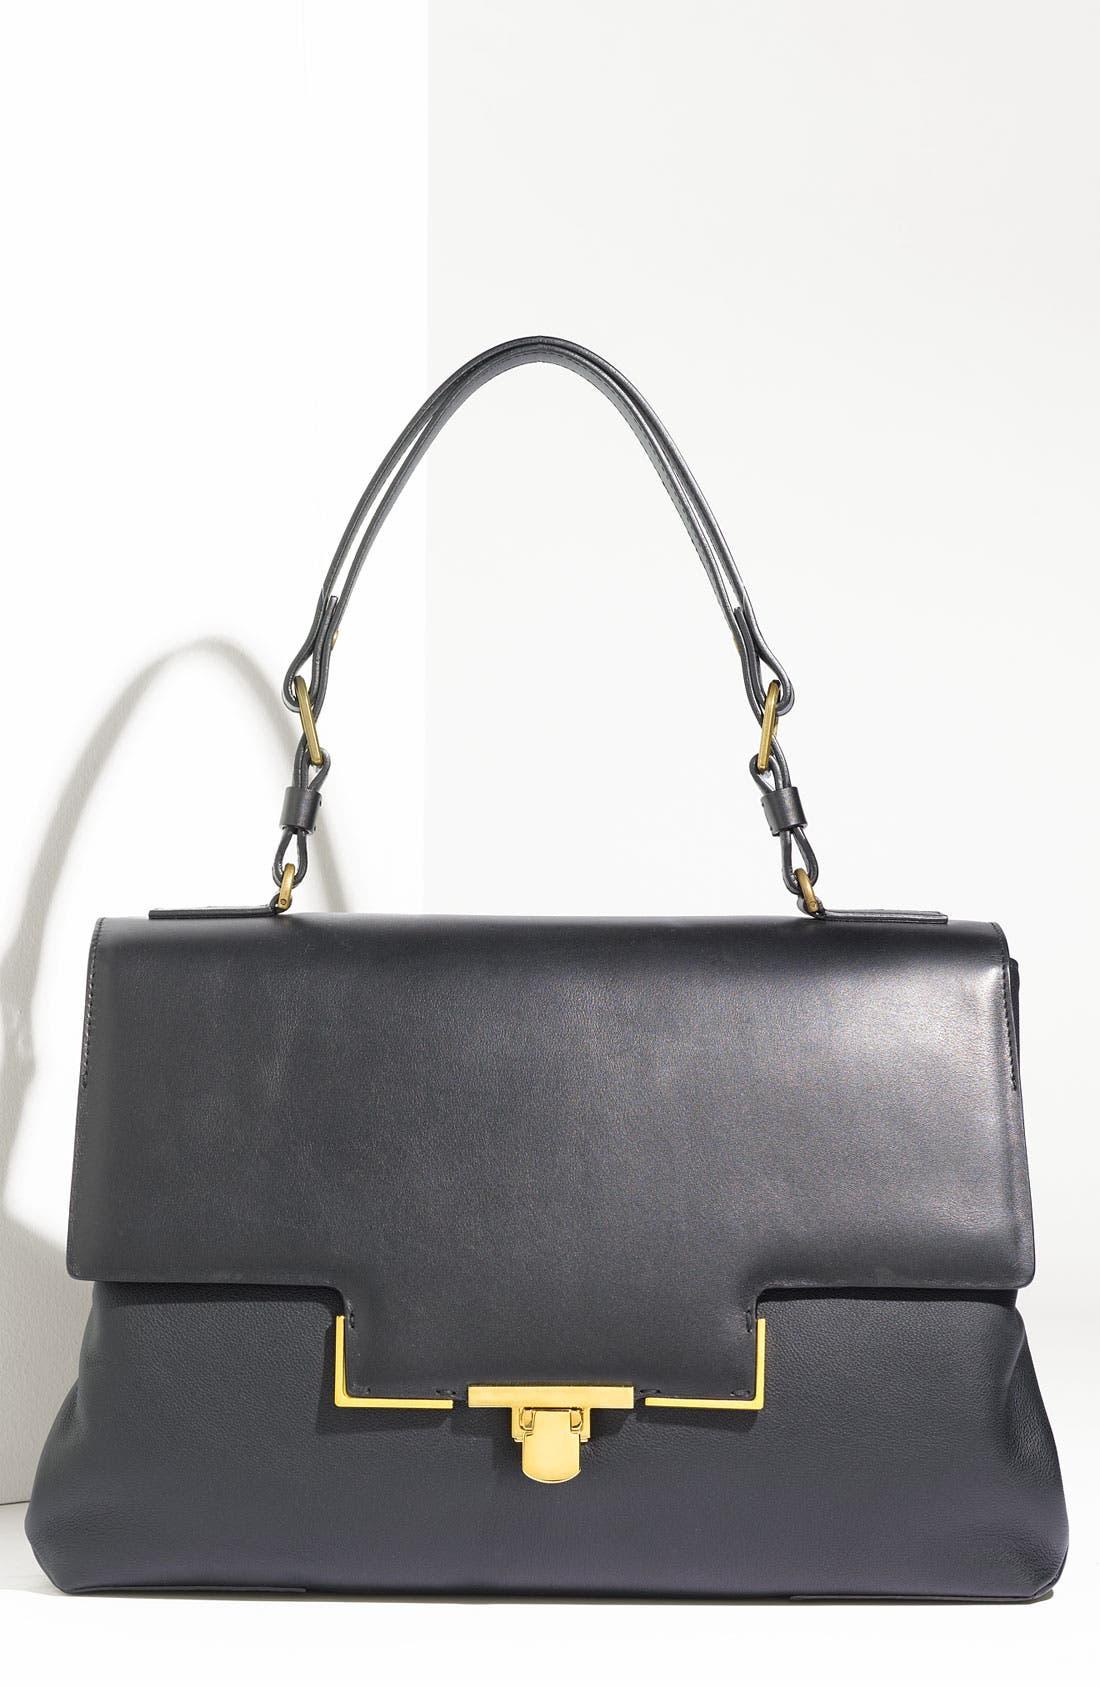 Alternate Image 1 Selected - Lanvin 'Miss Sartorial' Leather Shoulder Bag